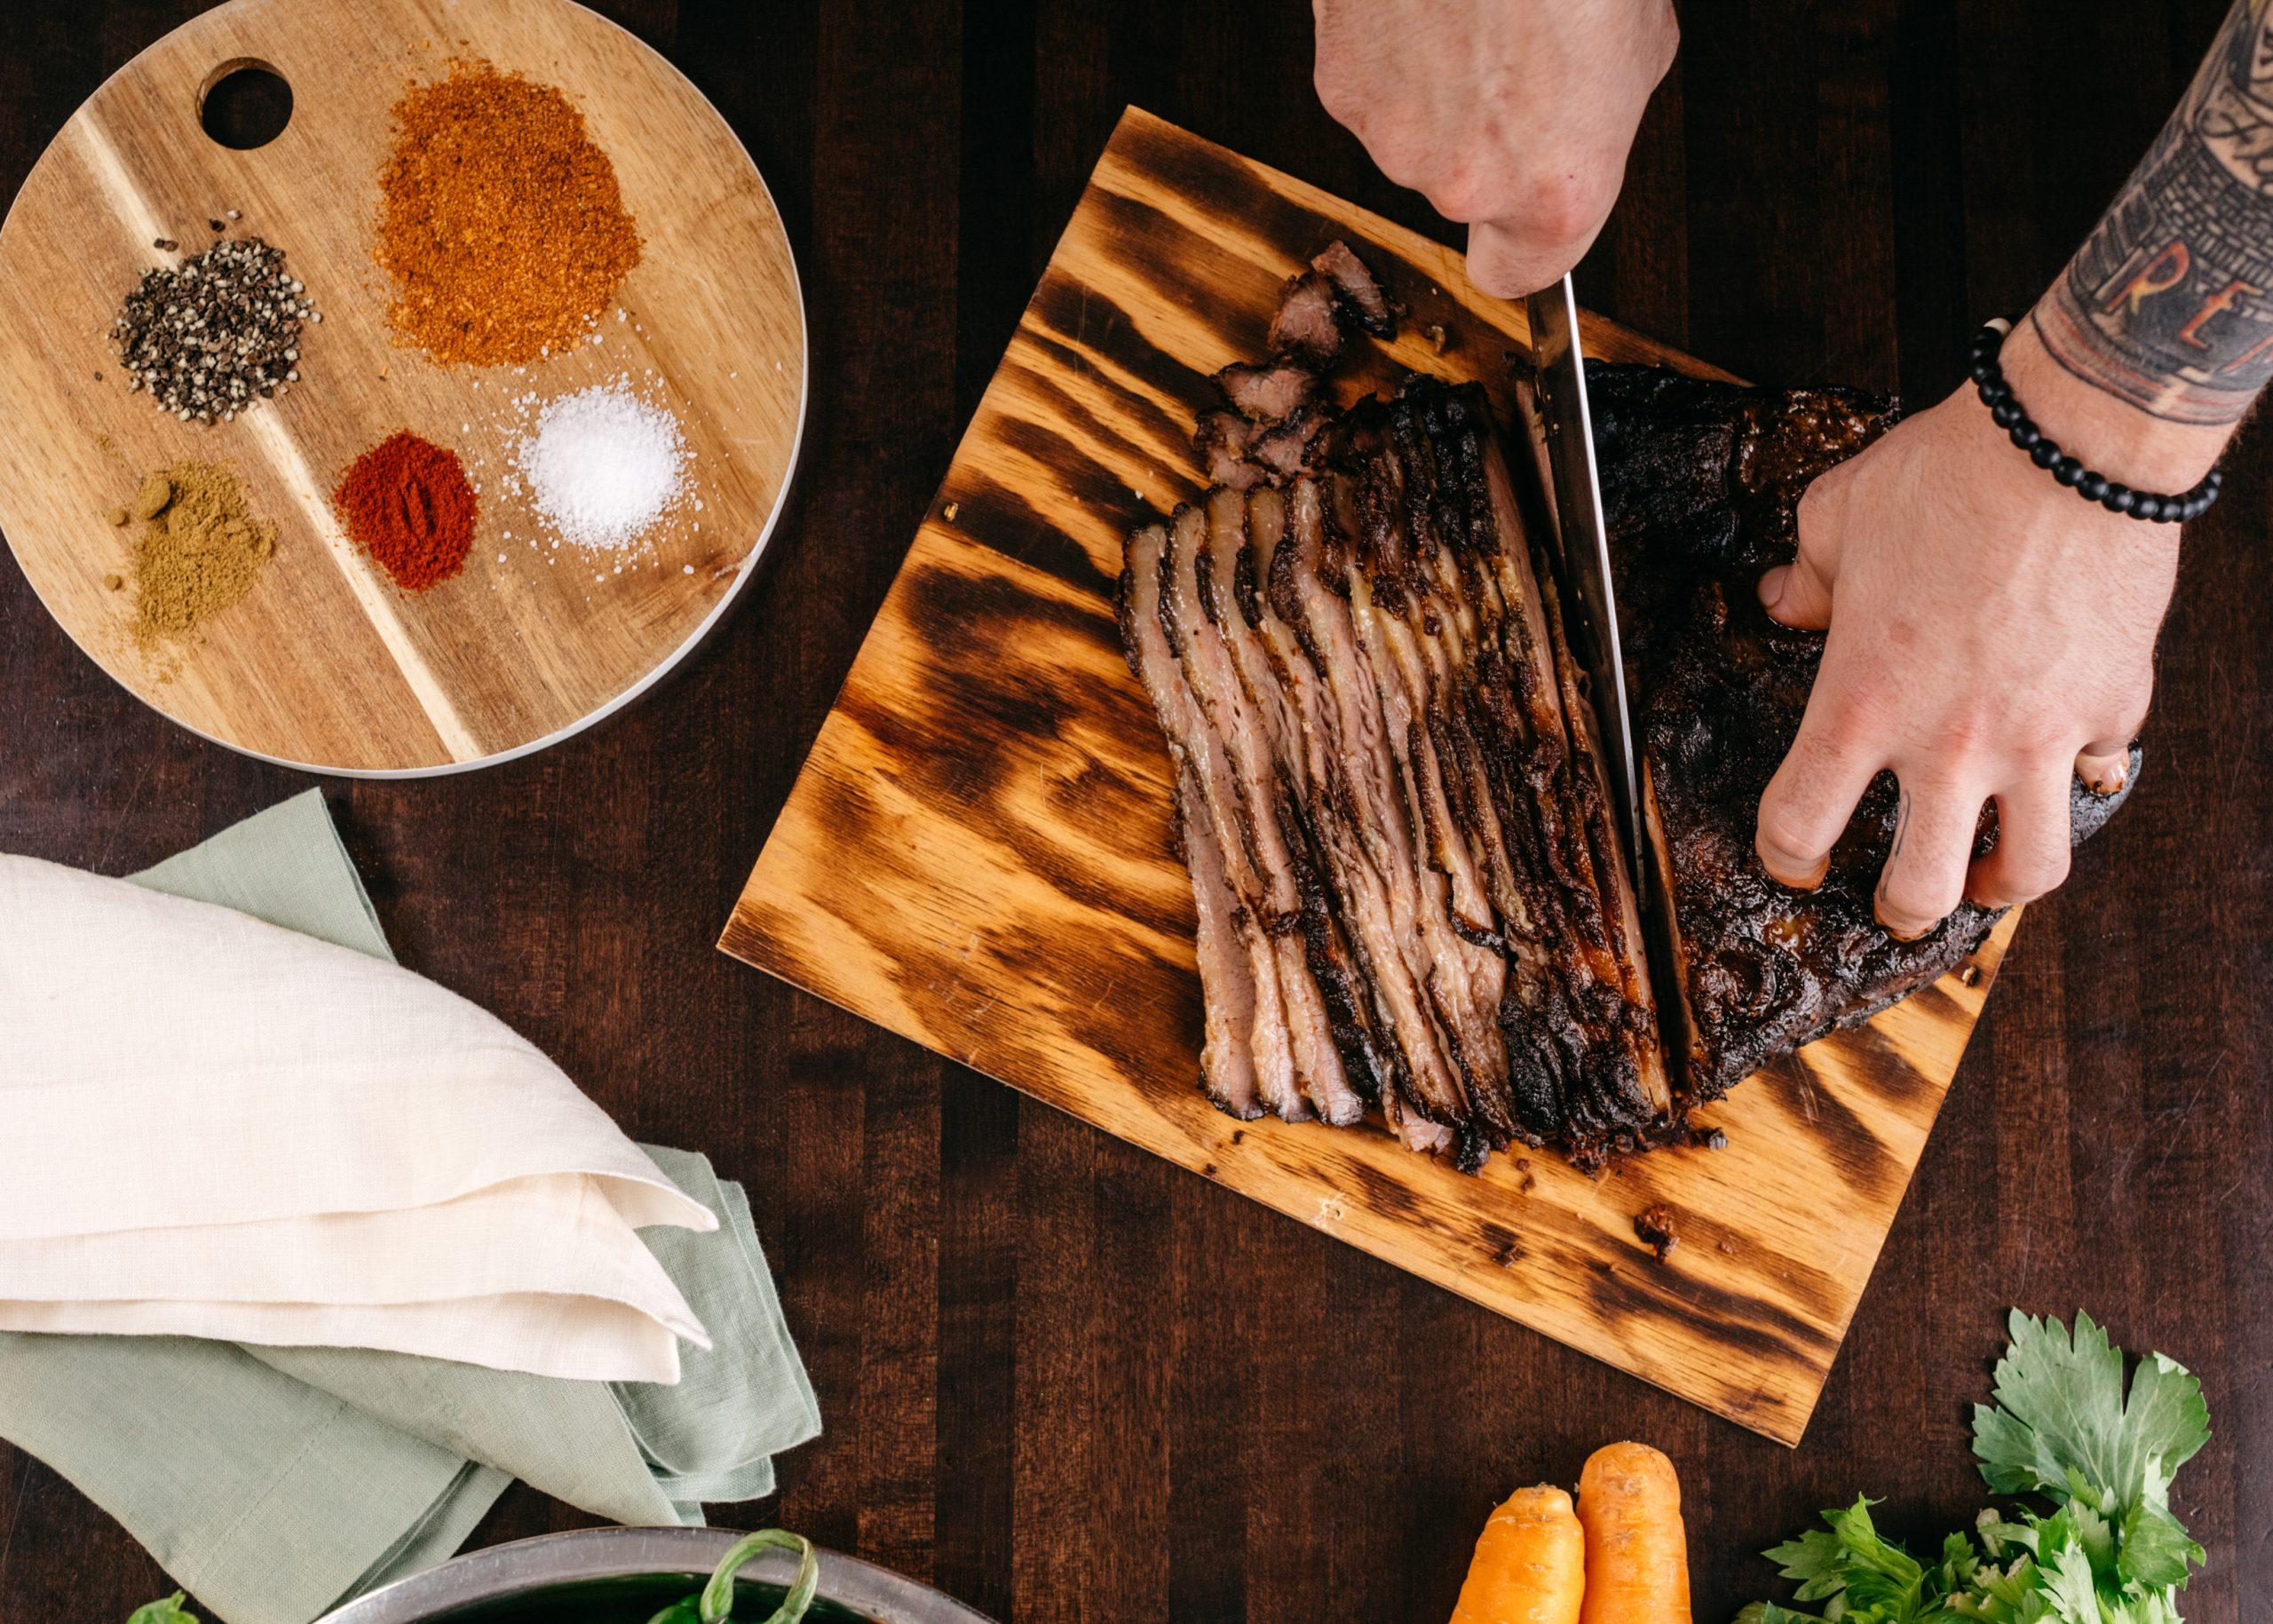 Hands cutting a beef brisket